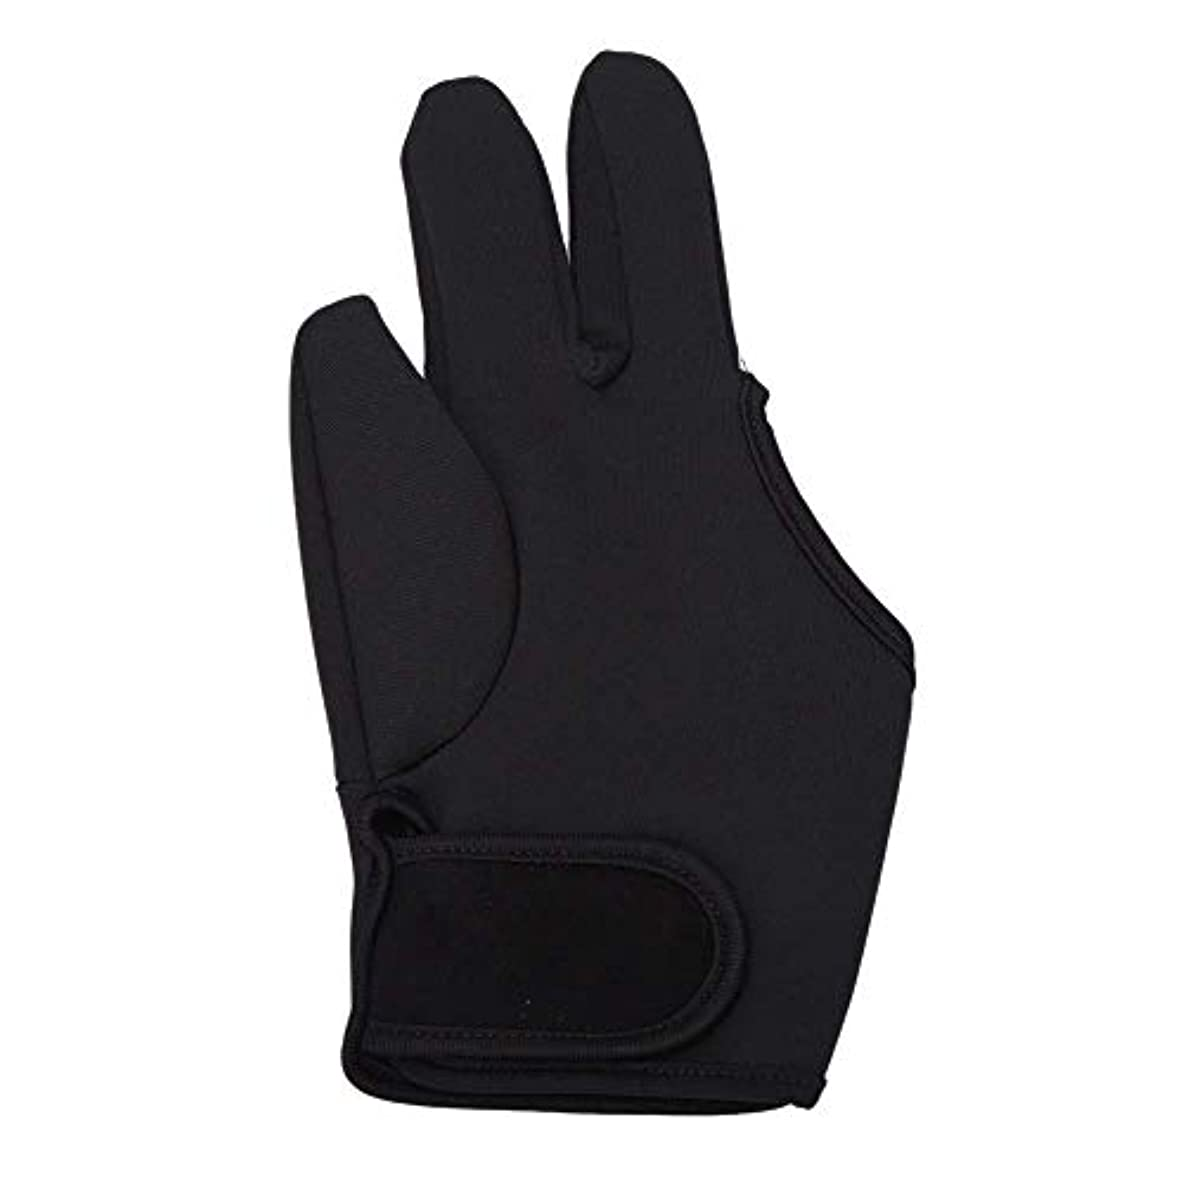 上へ邪悪な自治的TOOGOO 耐熱手袋ヘアスタイリングカーリングパーマカーリングワンドフラットアイアン3フィンガーグローブツール